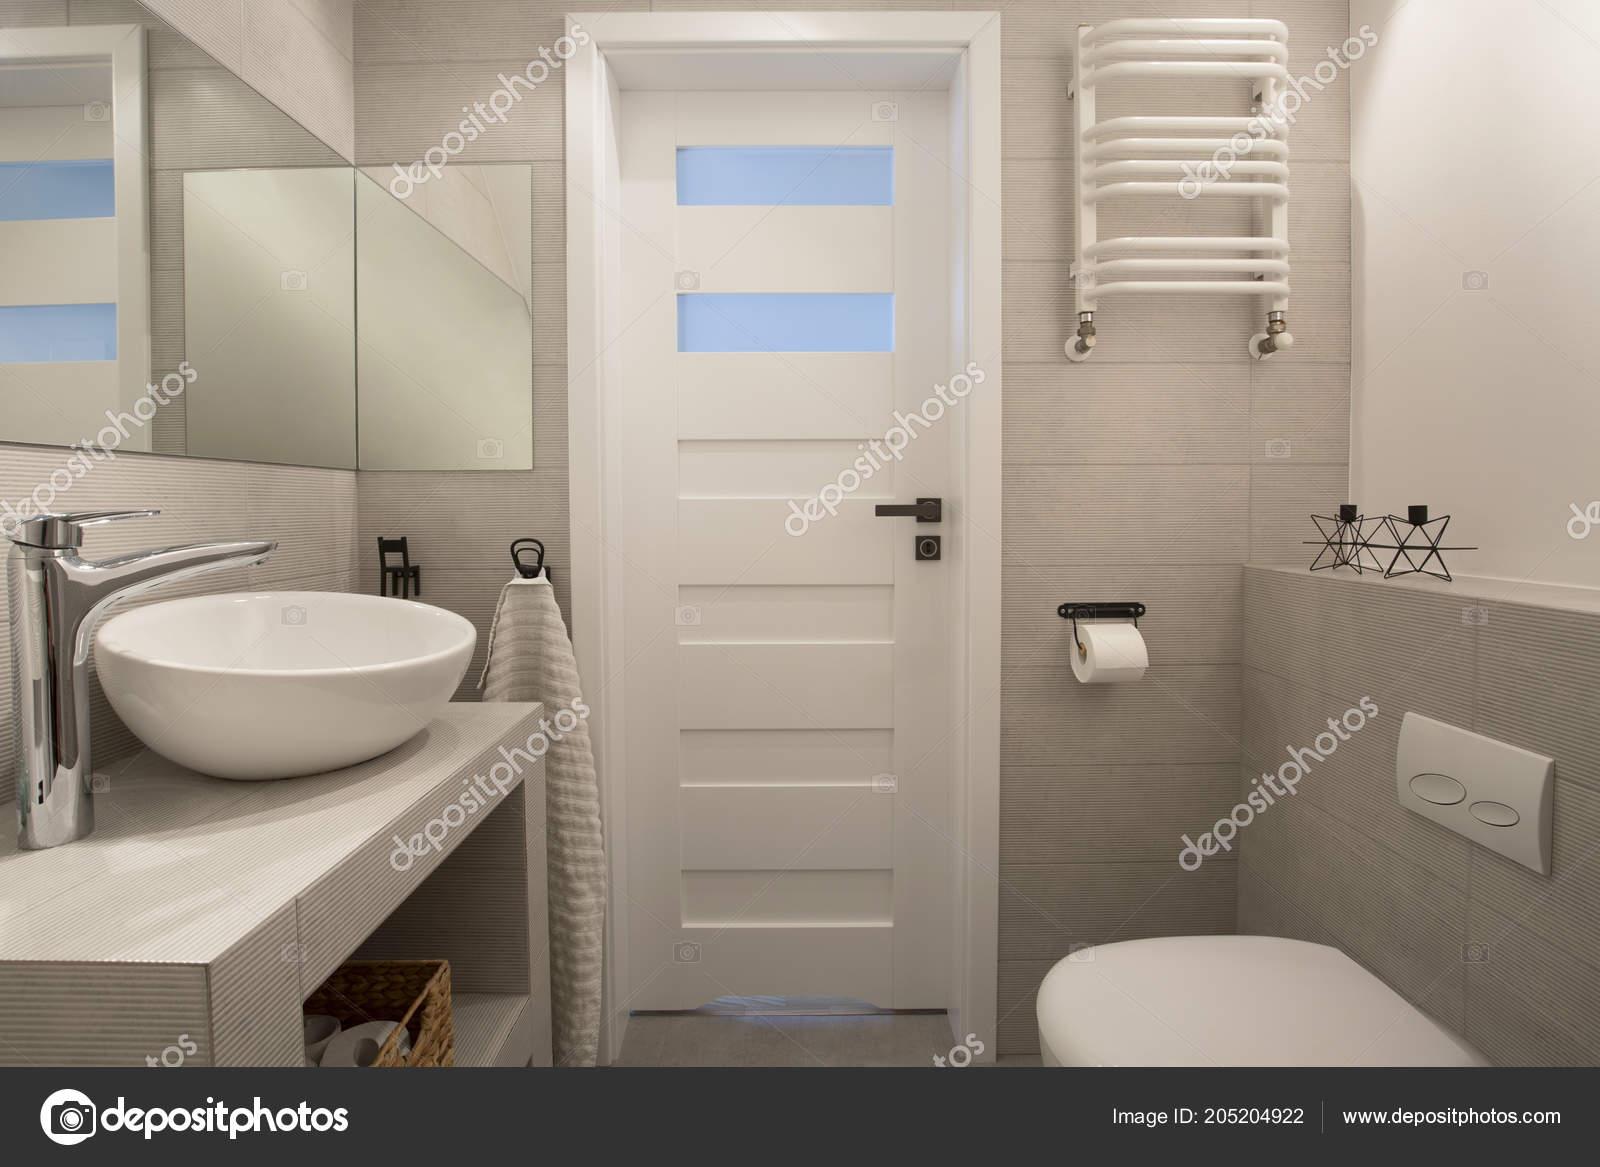 Miroir Dessus Lavabo Intérieur Beige Salle Bain Avec Porte ...